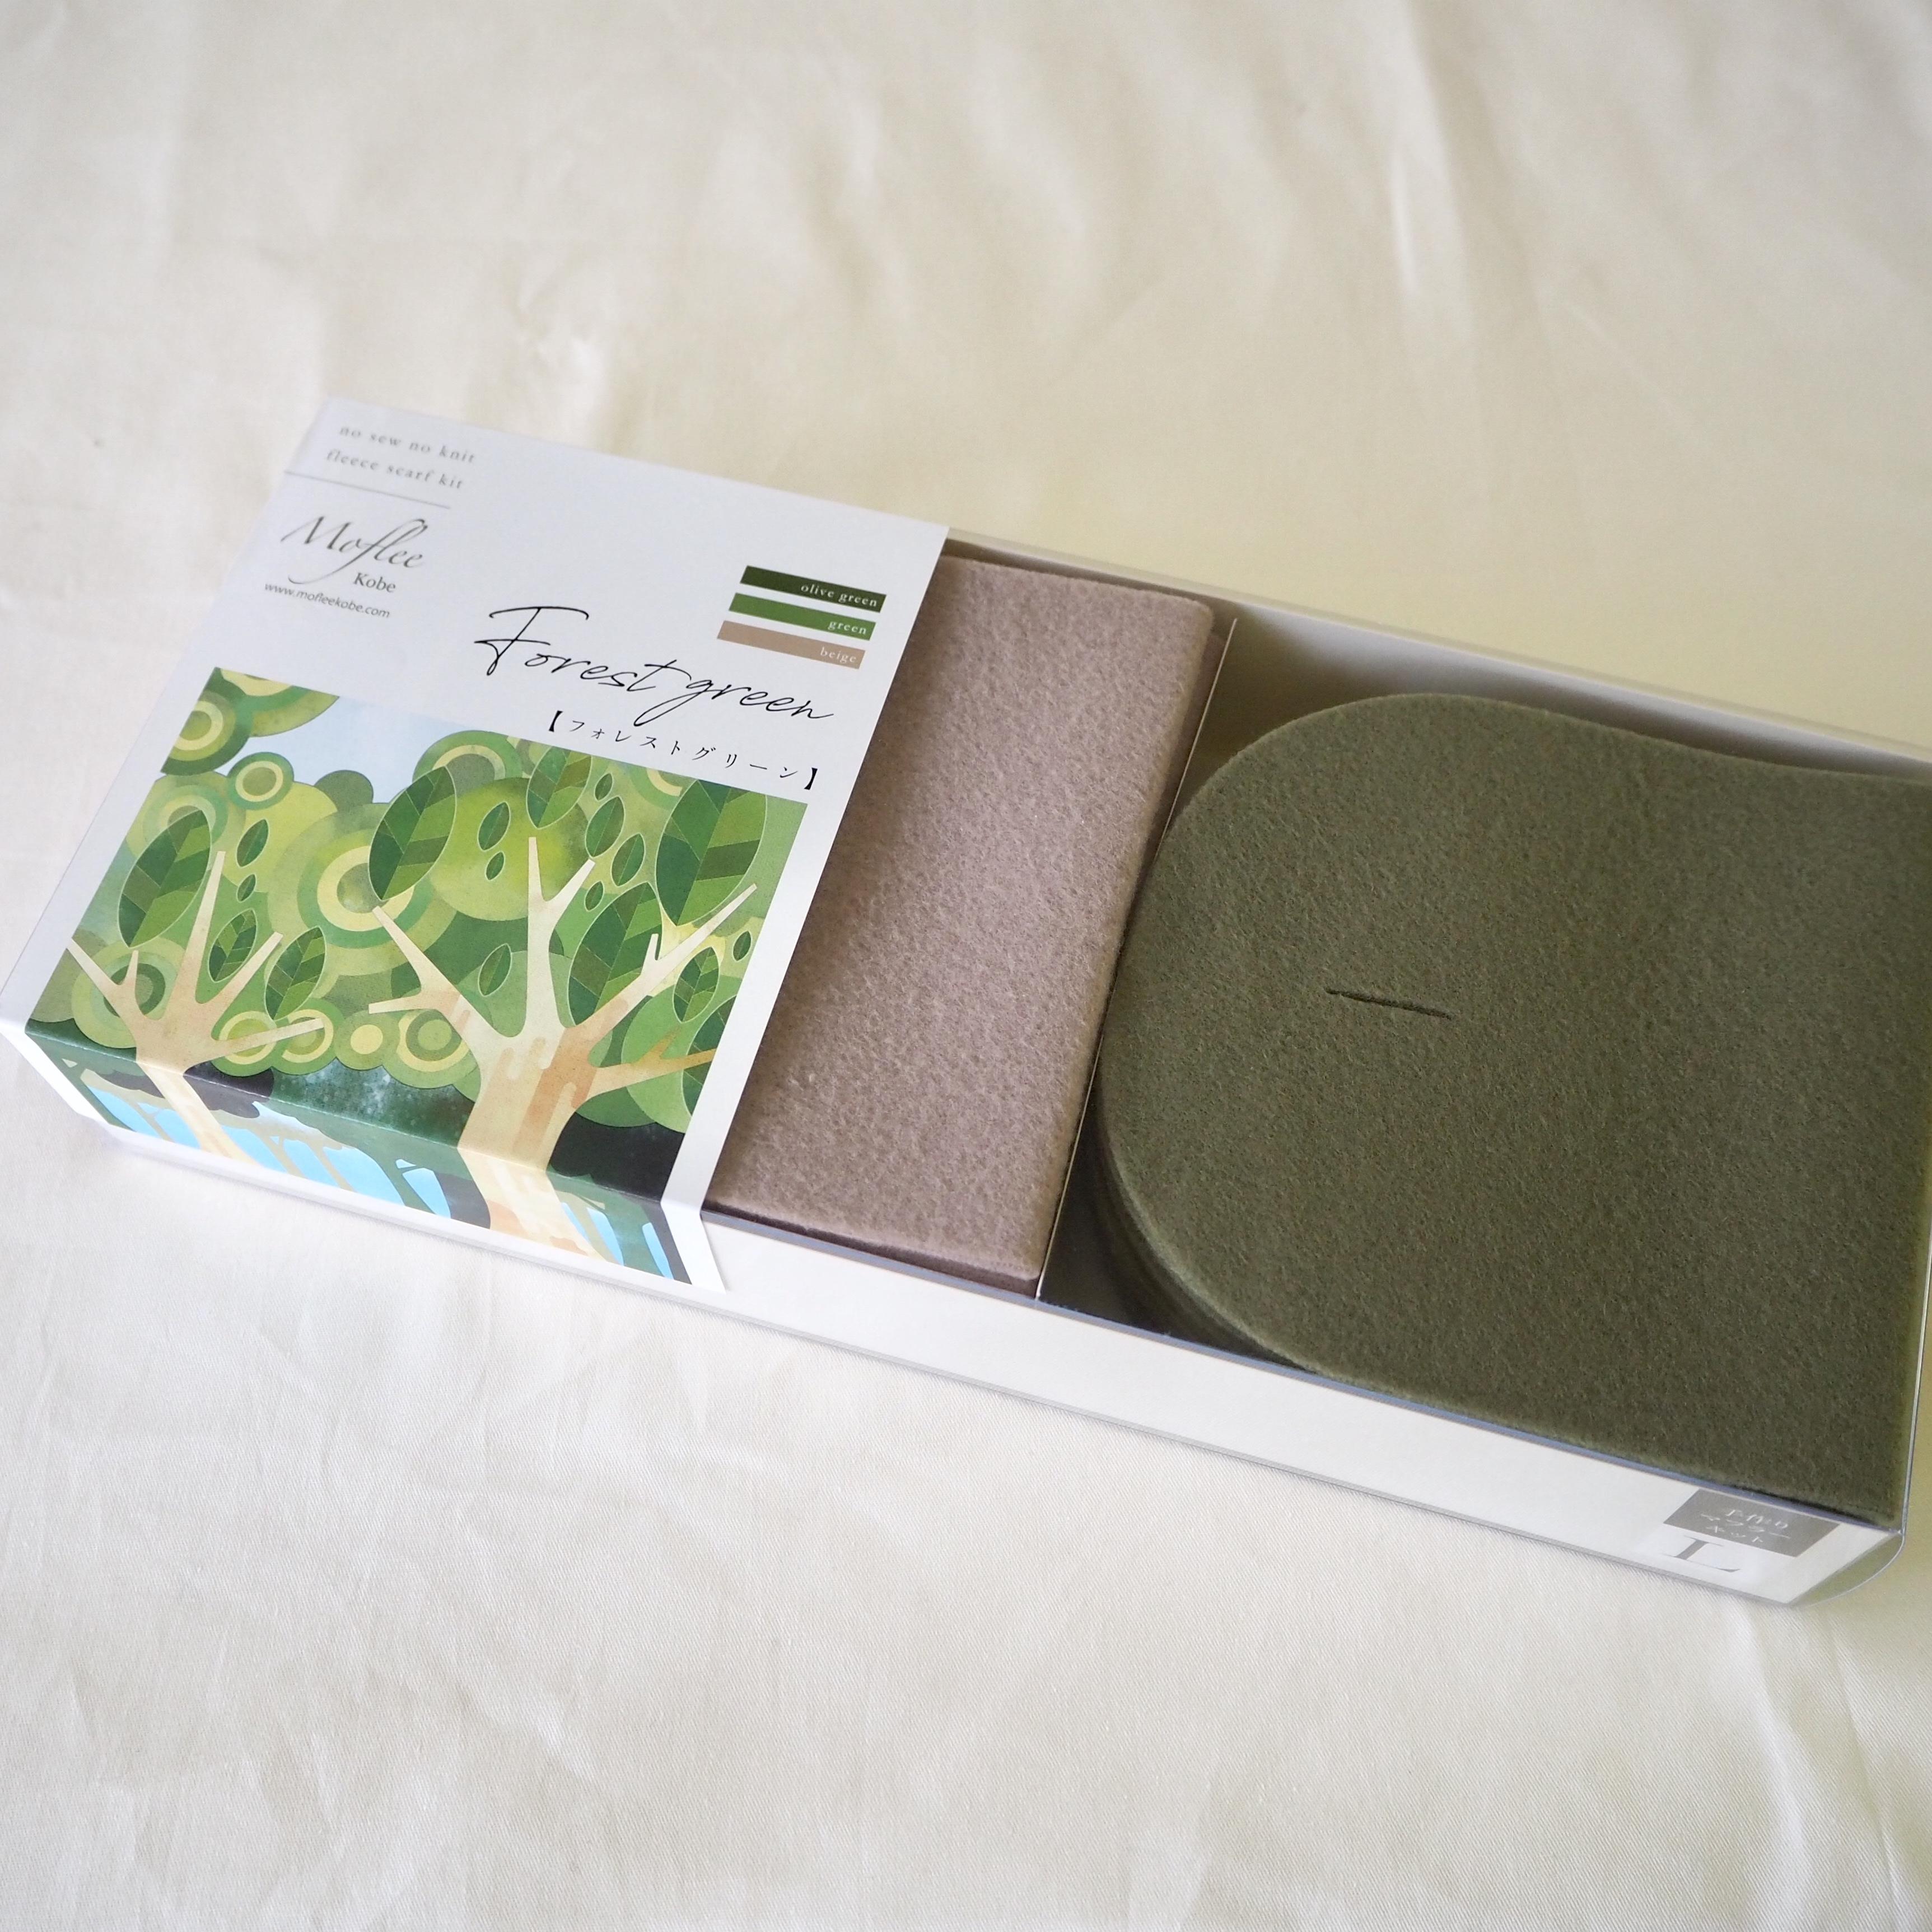 動画付手作りマフラーキット【モフリー Kit Box】フォレストグリーン◆Lサイズ